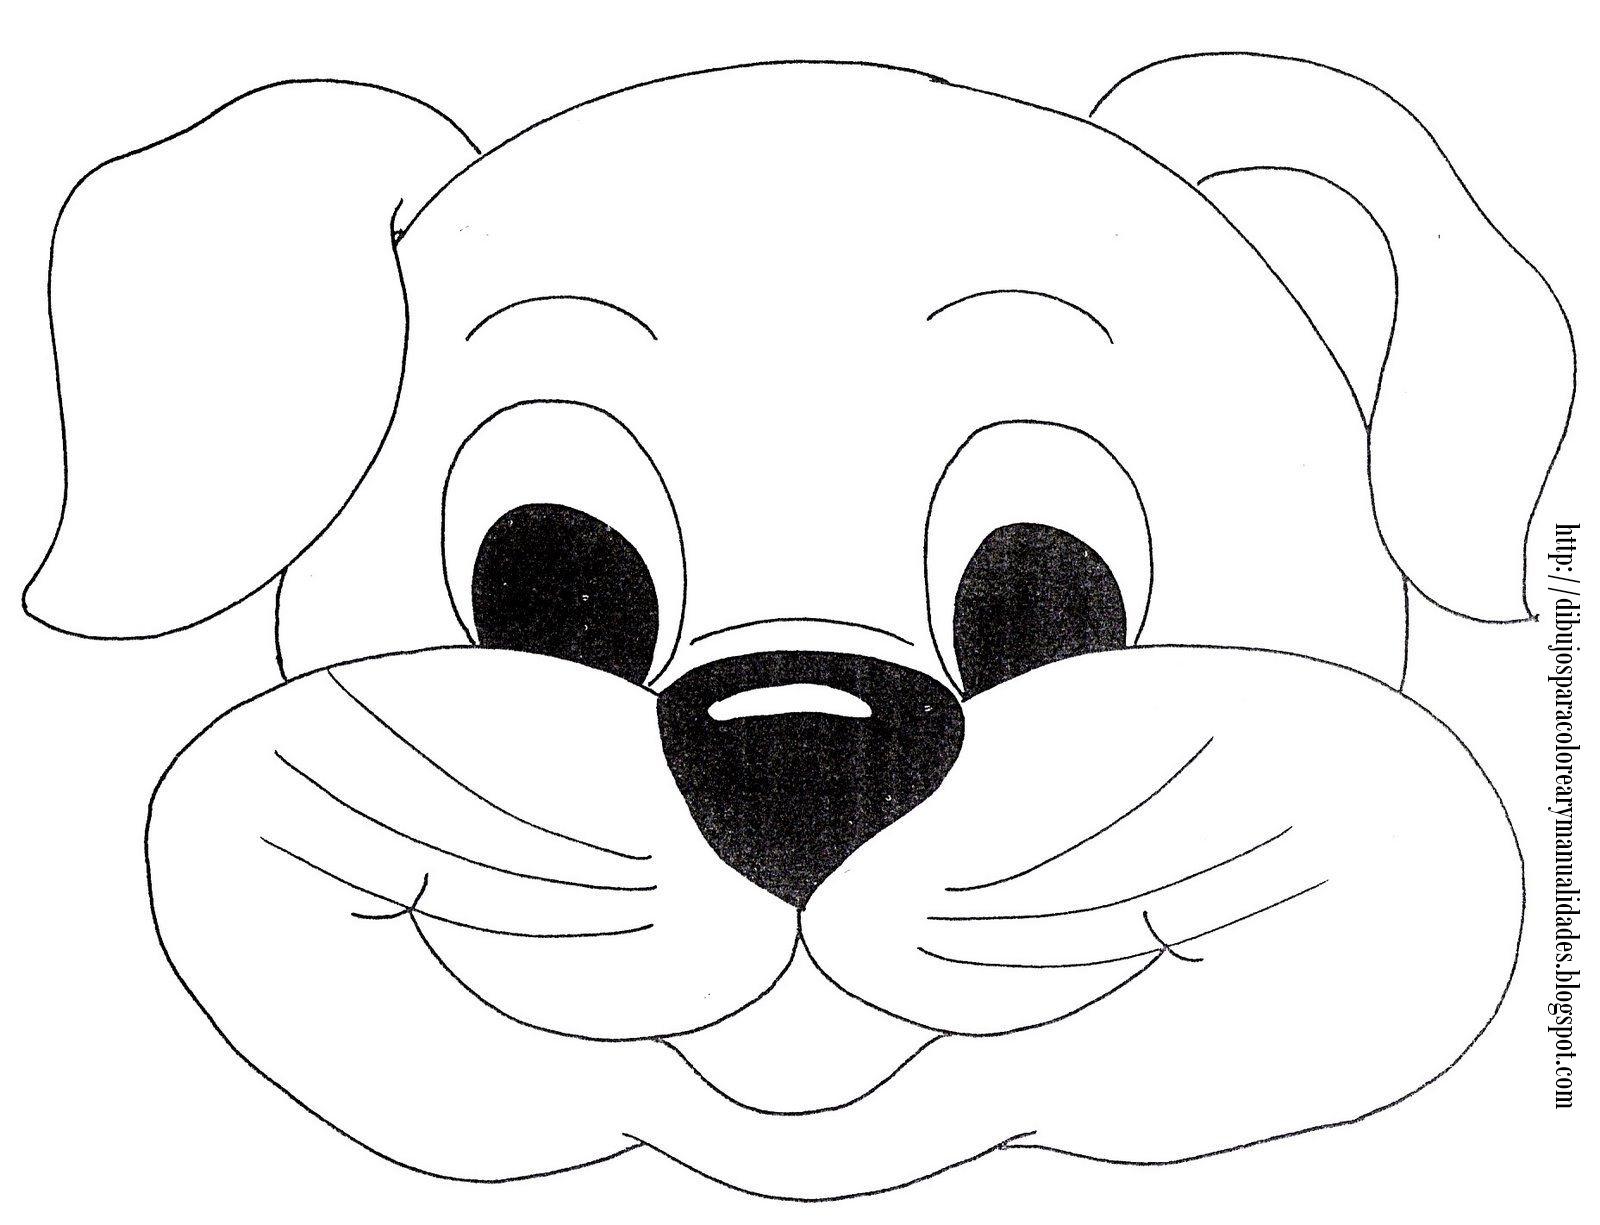 Dibujos para Colorear y Manualidades: Máscara de perro para colorear